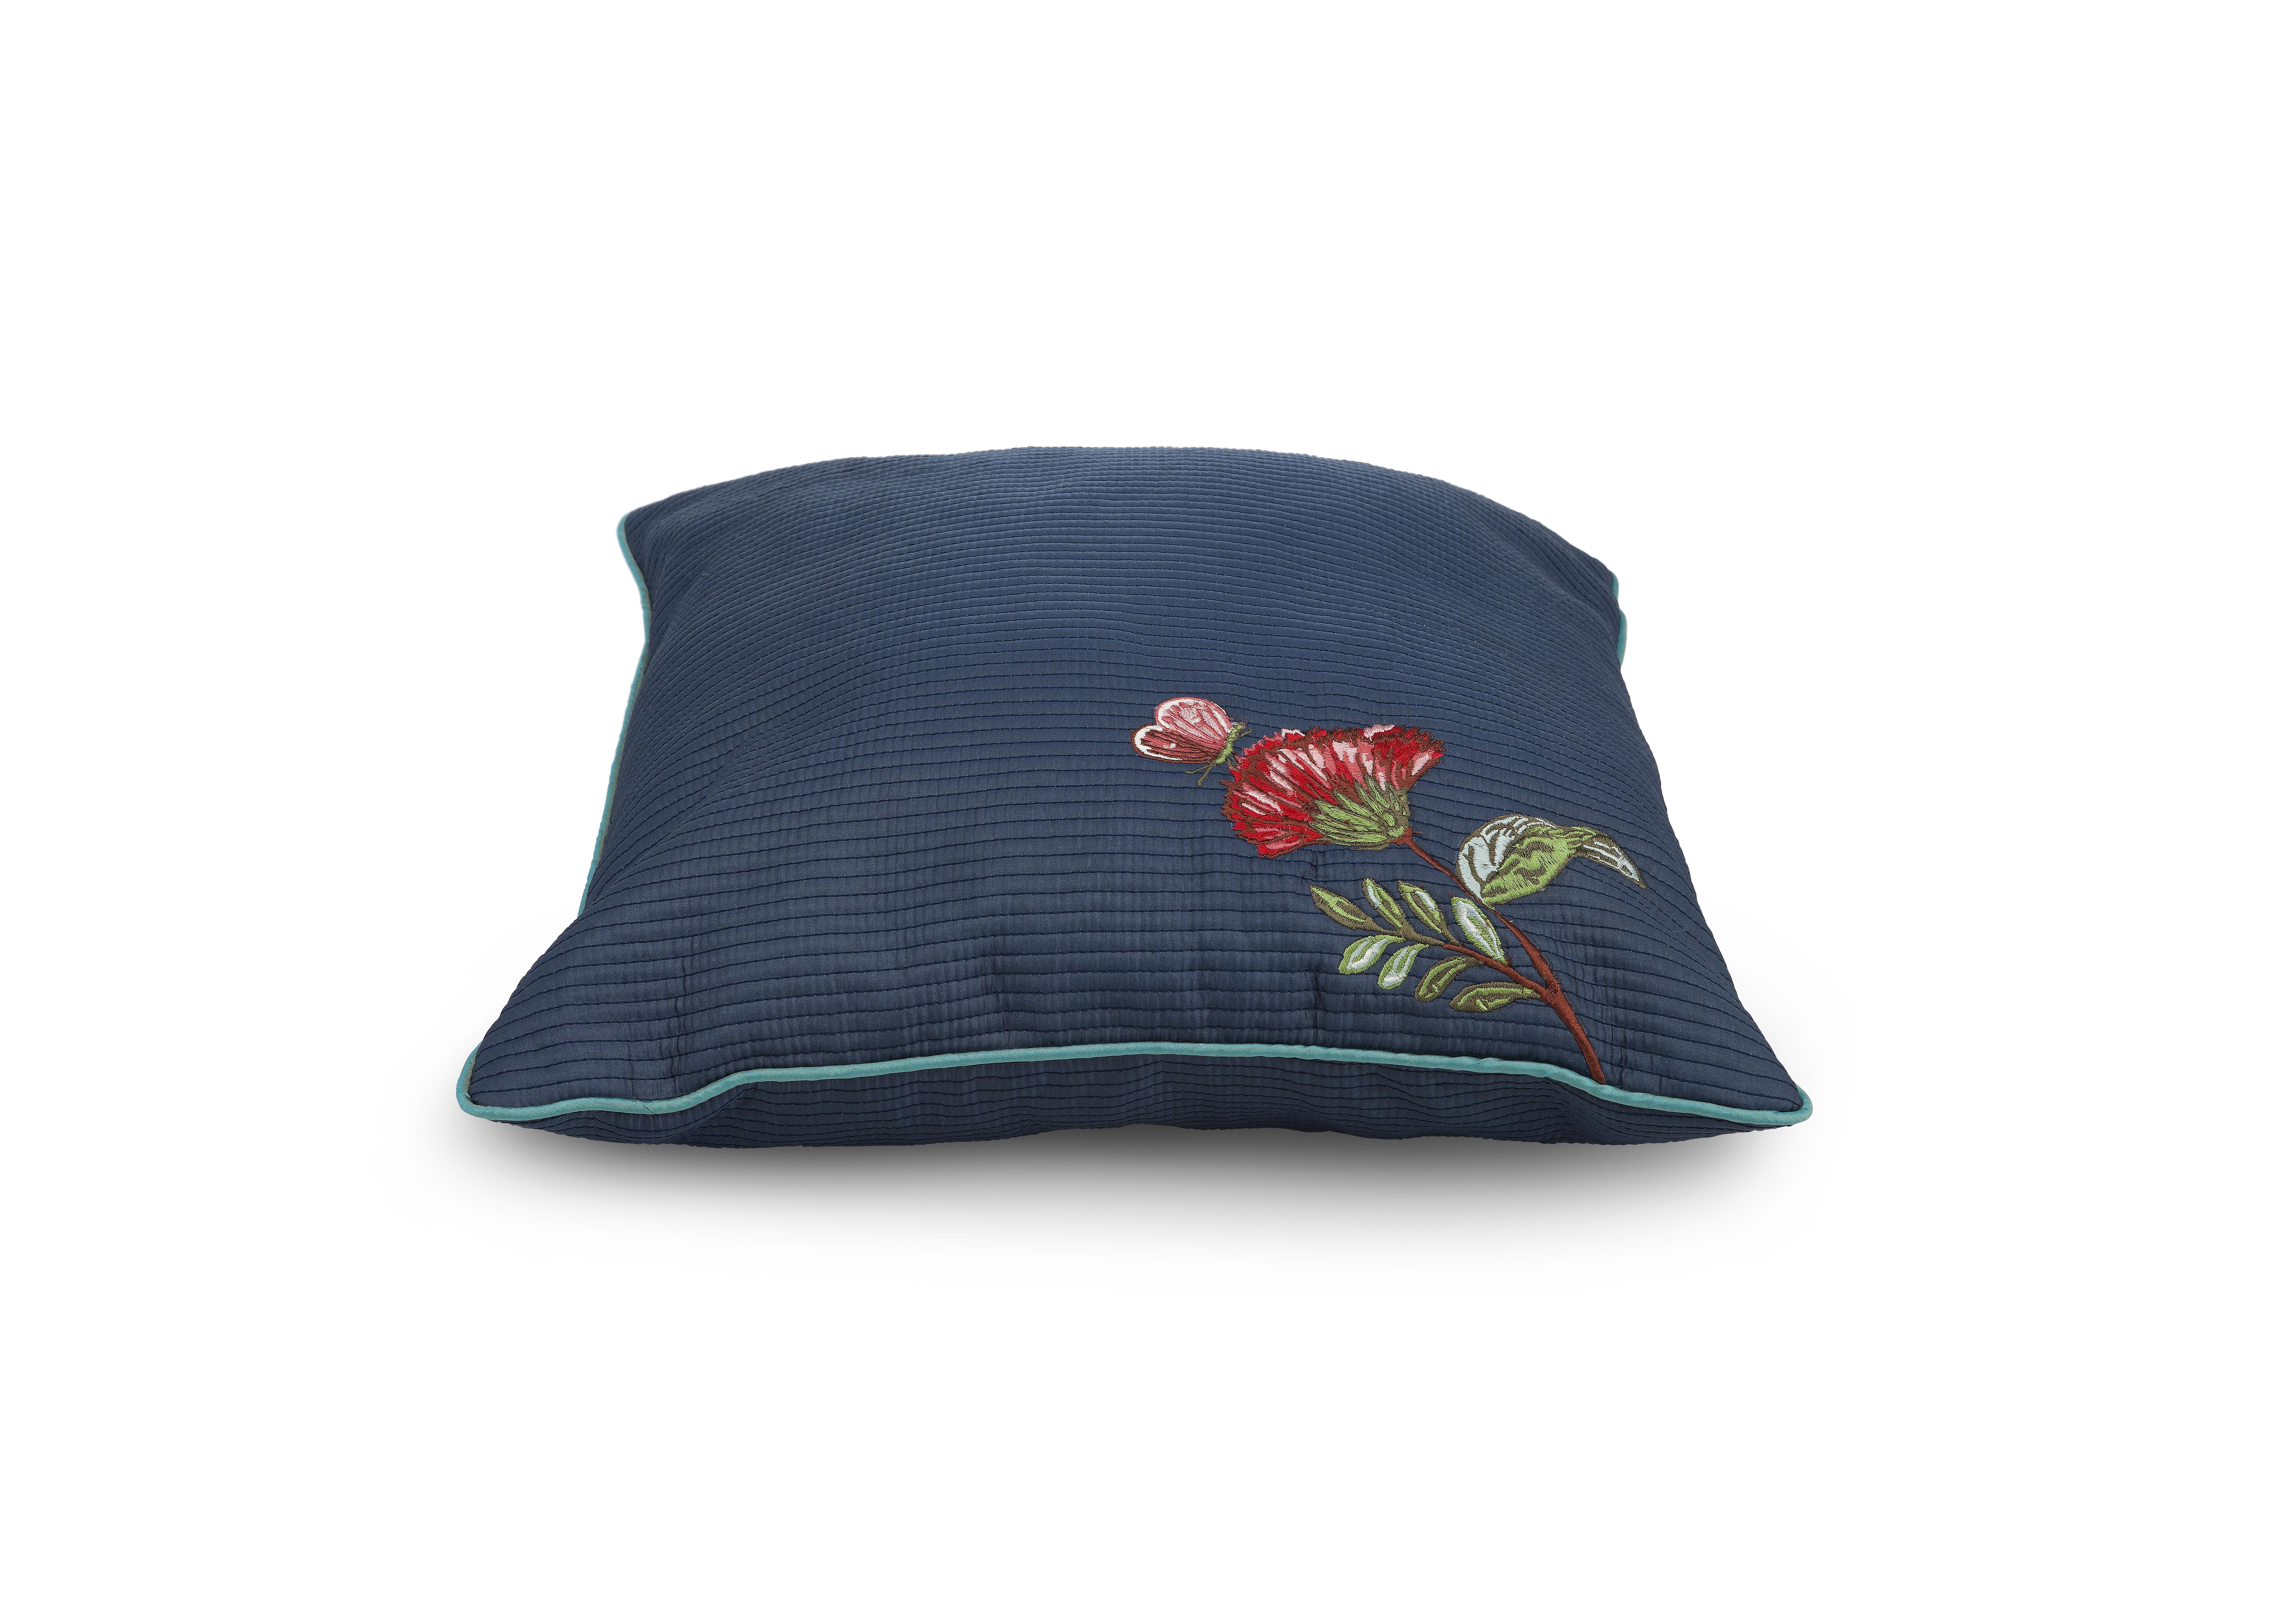 декоративные подушки asabella декоративная подушка caterpillar цвет чёрный с золотом 43х43 Подушка декоративная Pip studio Quilted, цвет: синий, 40 х 40 см